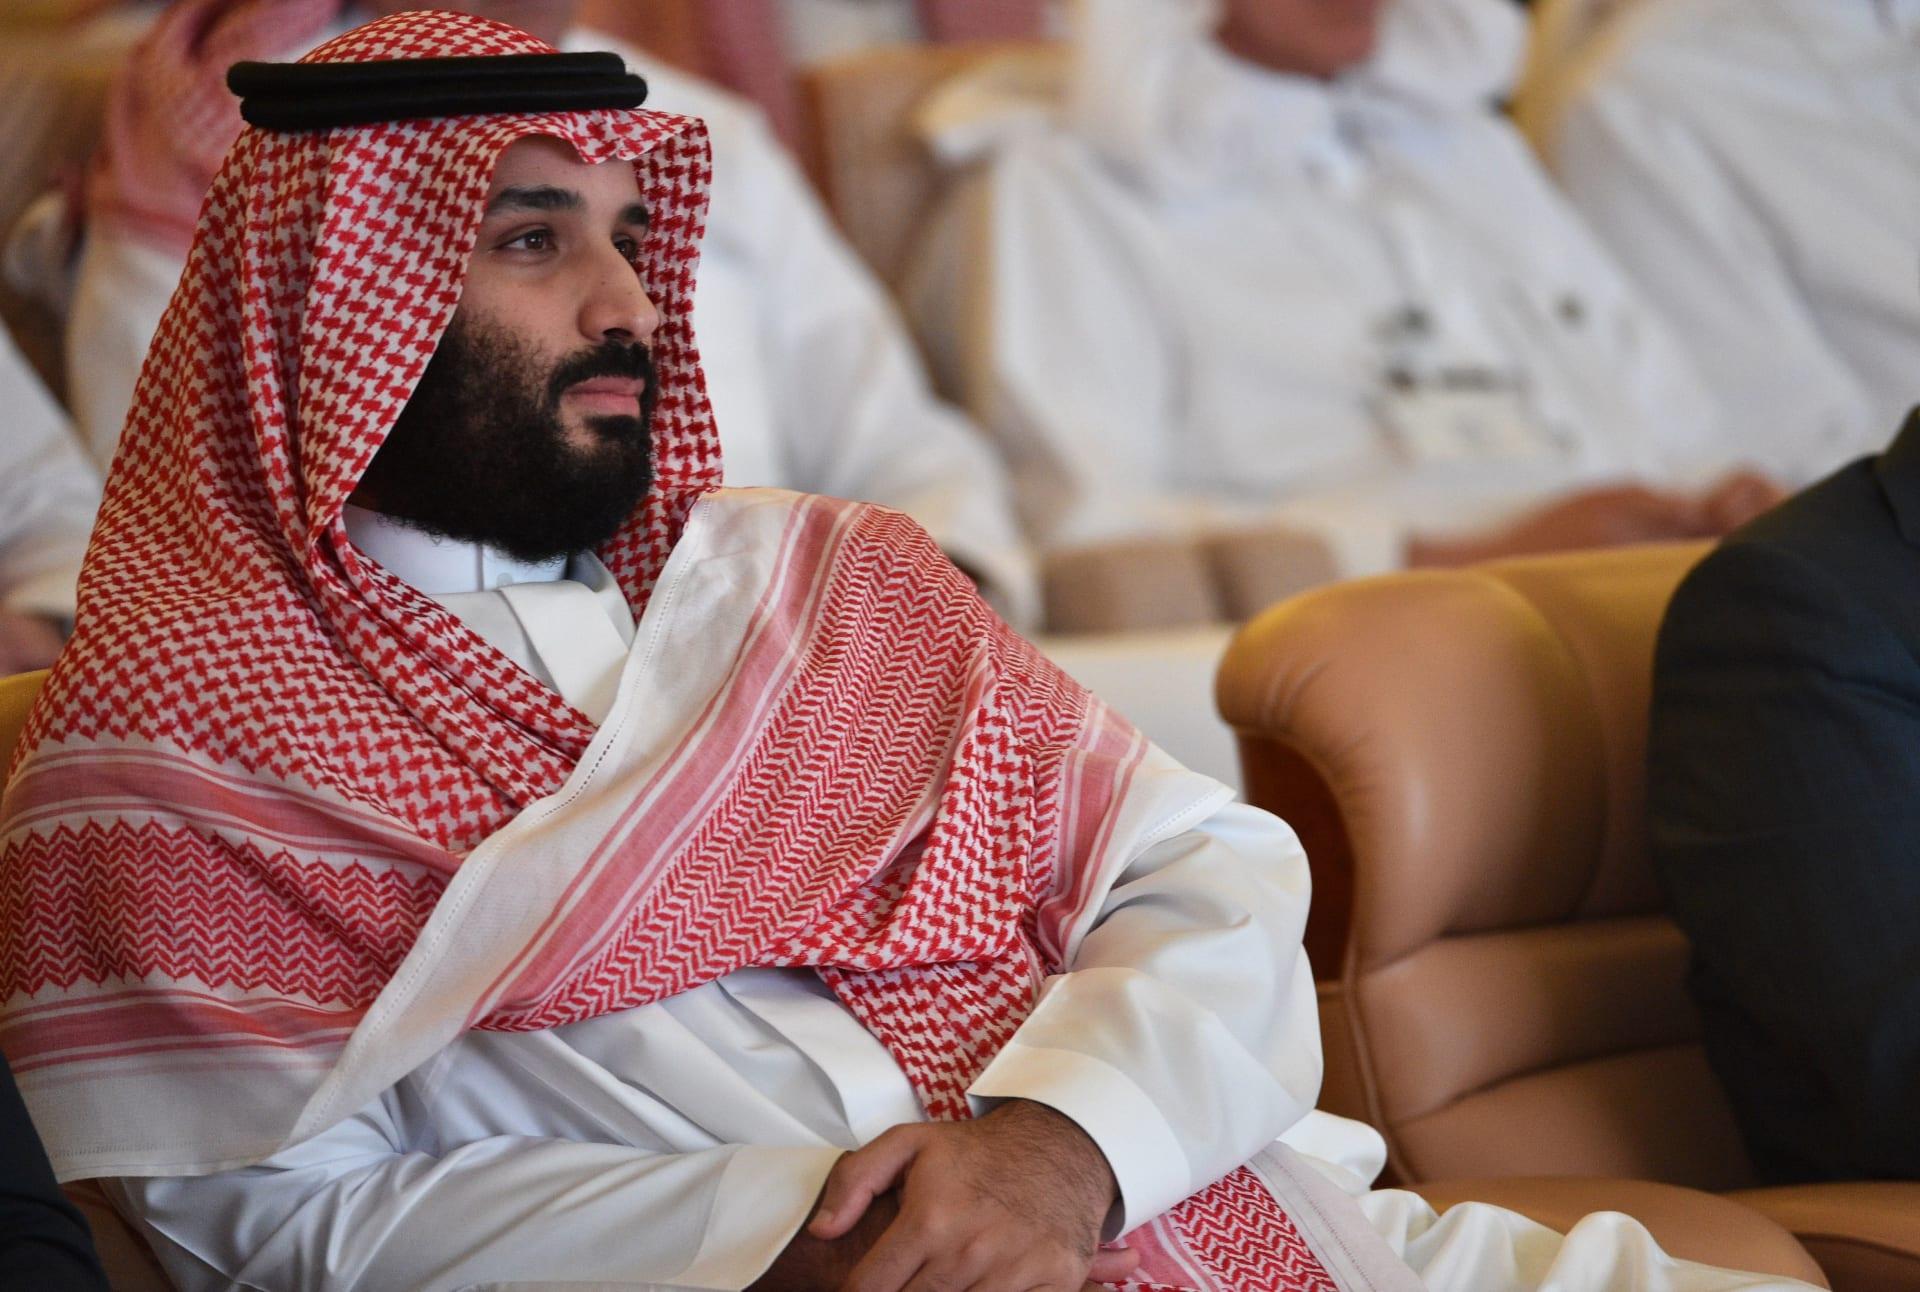 وزير الدفاع الأمريكي يتواصل مع نظيره السعودي الأمير محمد بن سلمان.. والبنتاغون يكشف التفاصيل